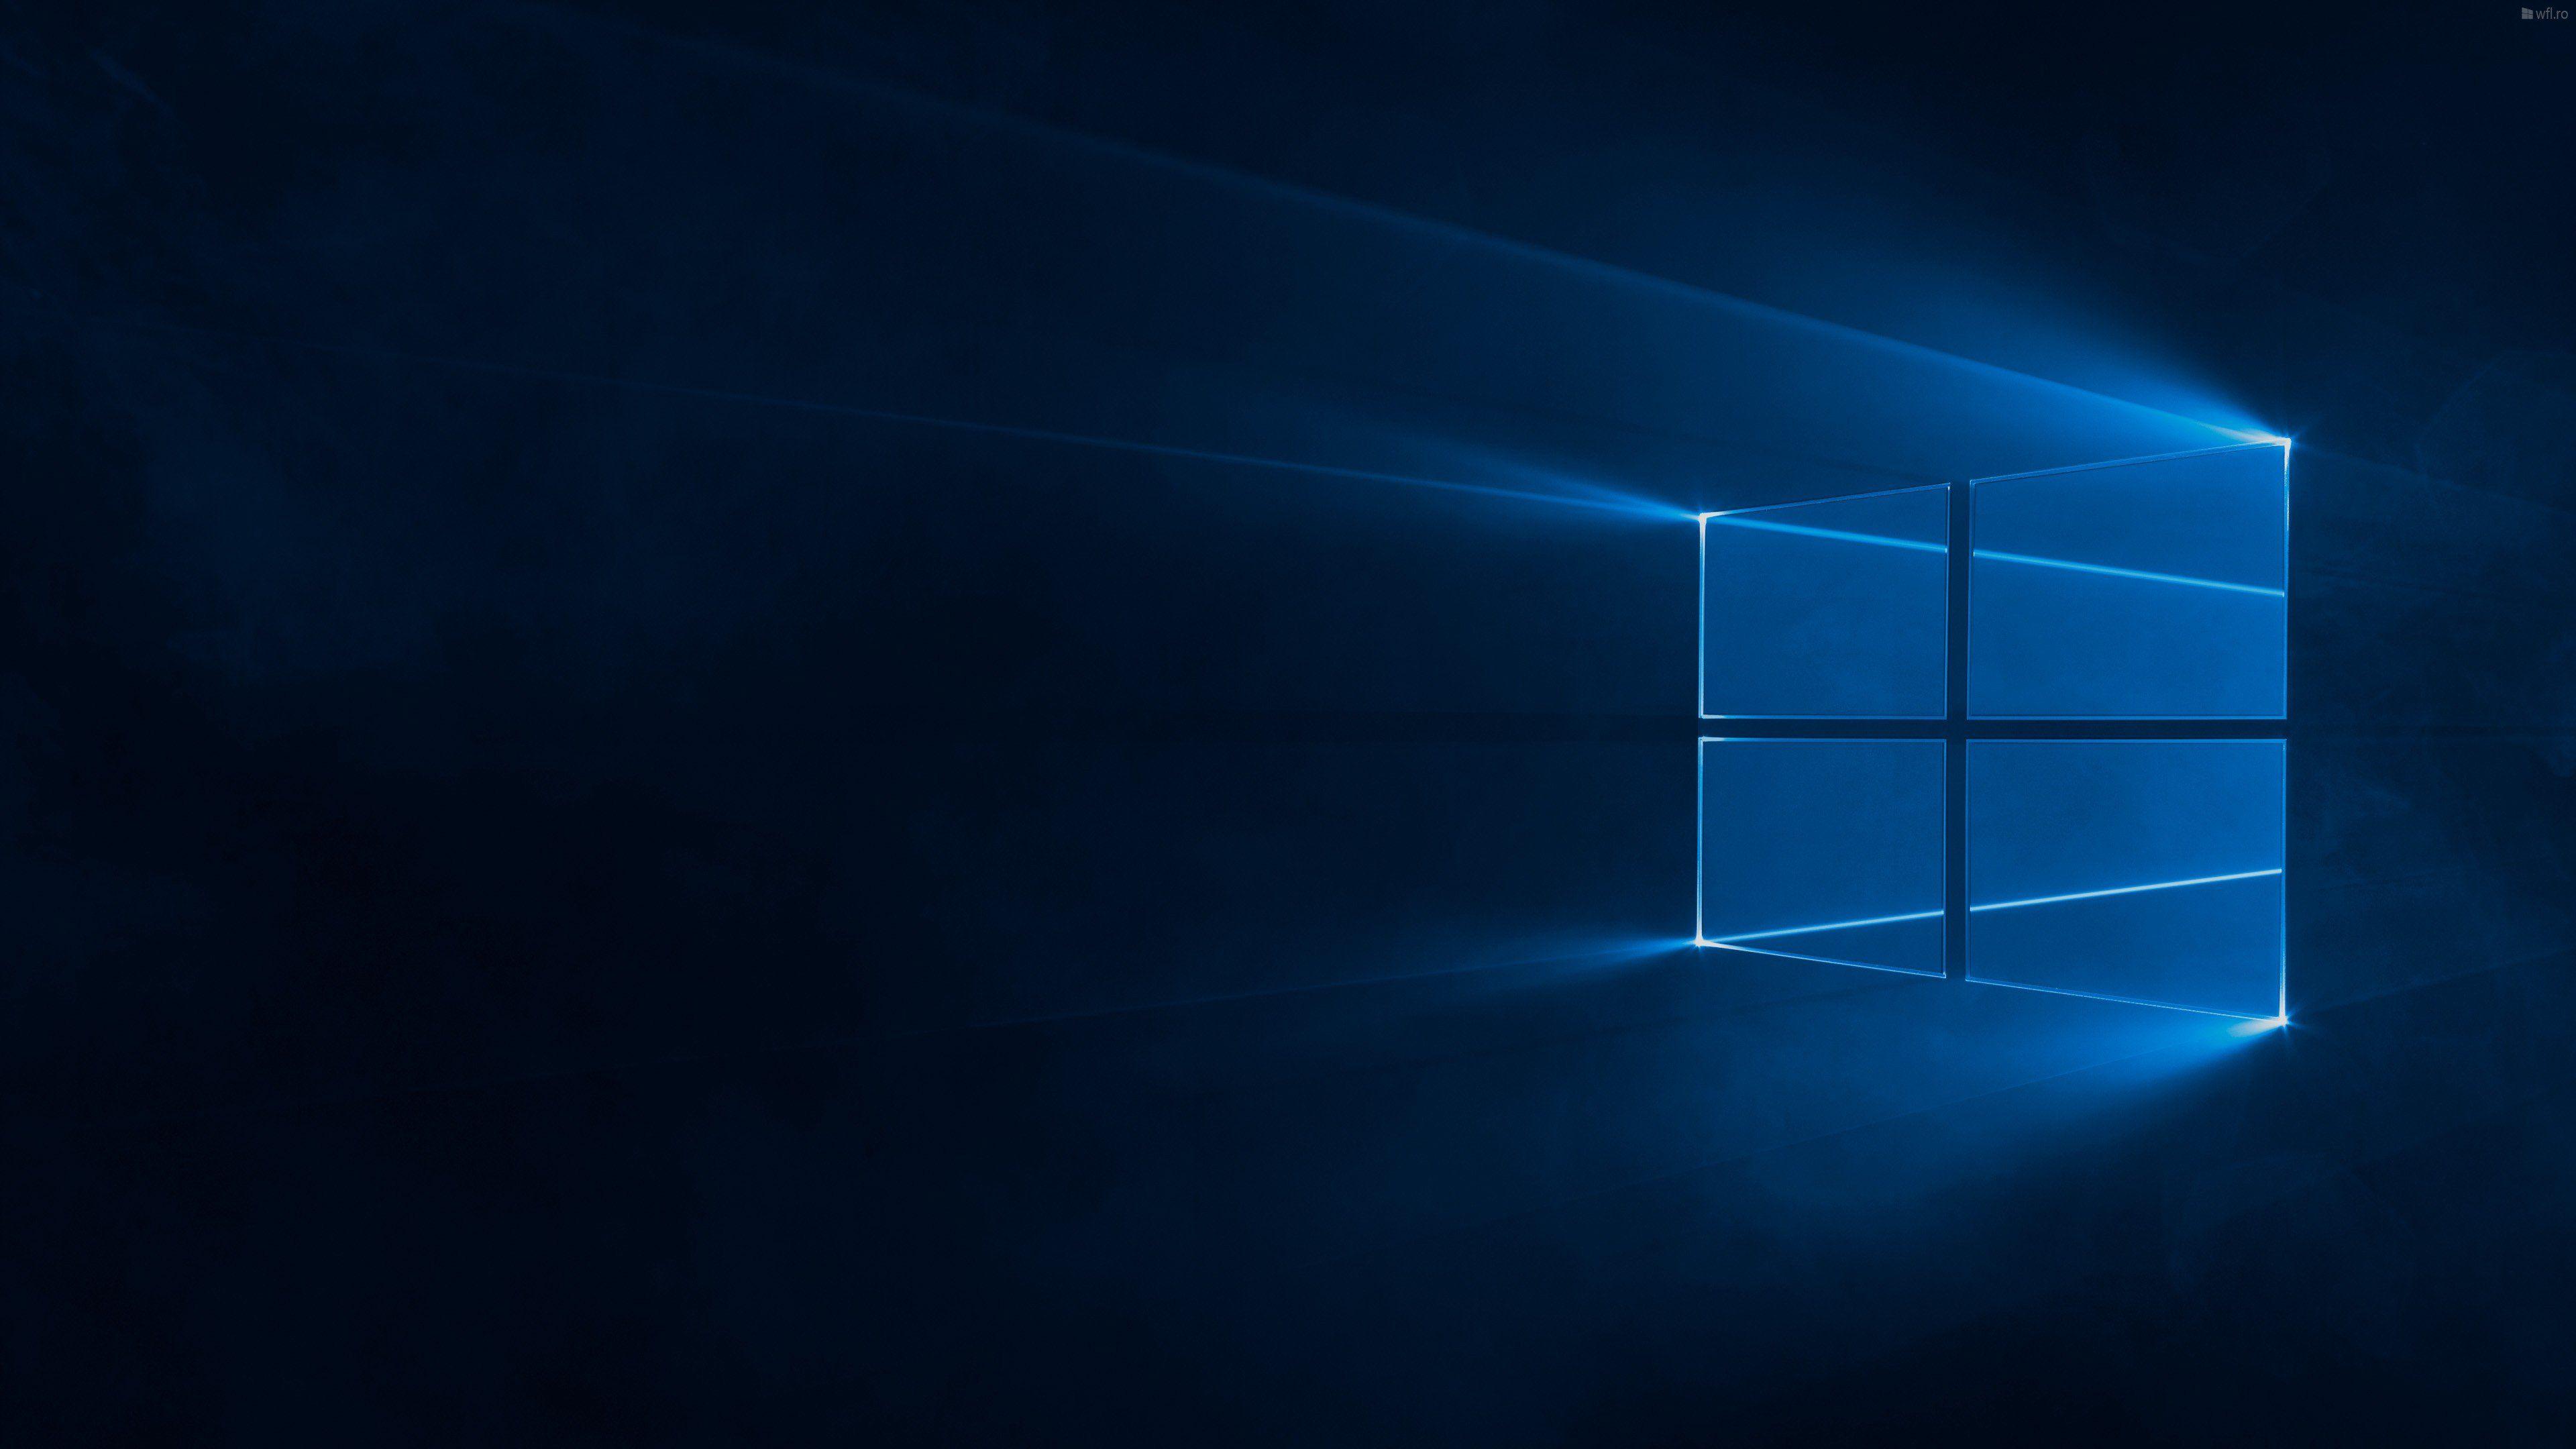 Faaqidaad : Update gratuit windows 10